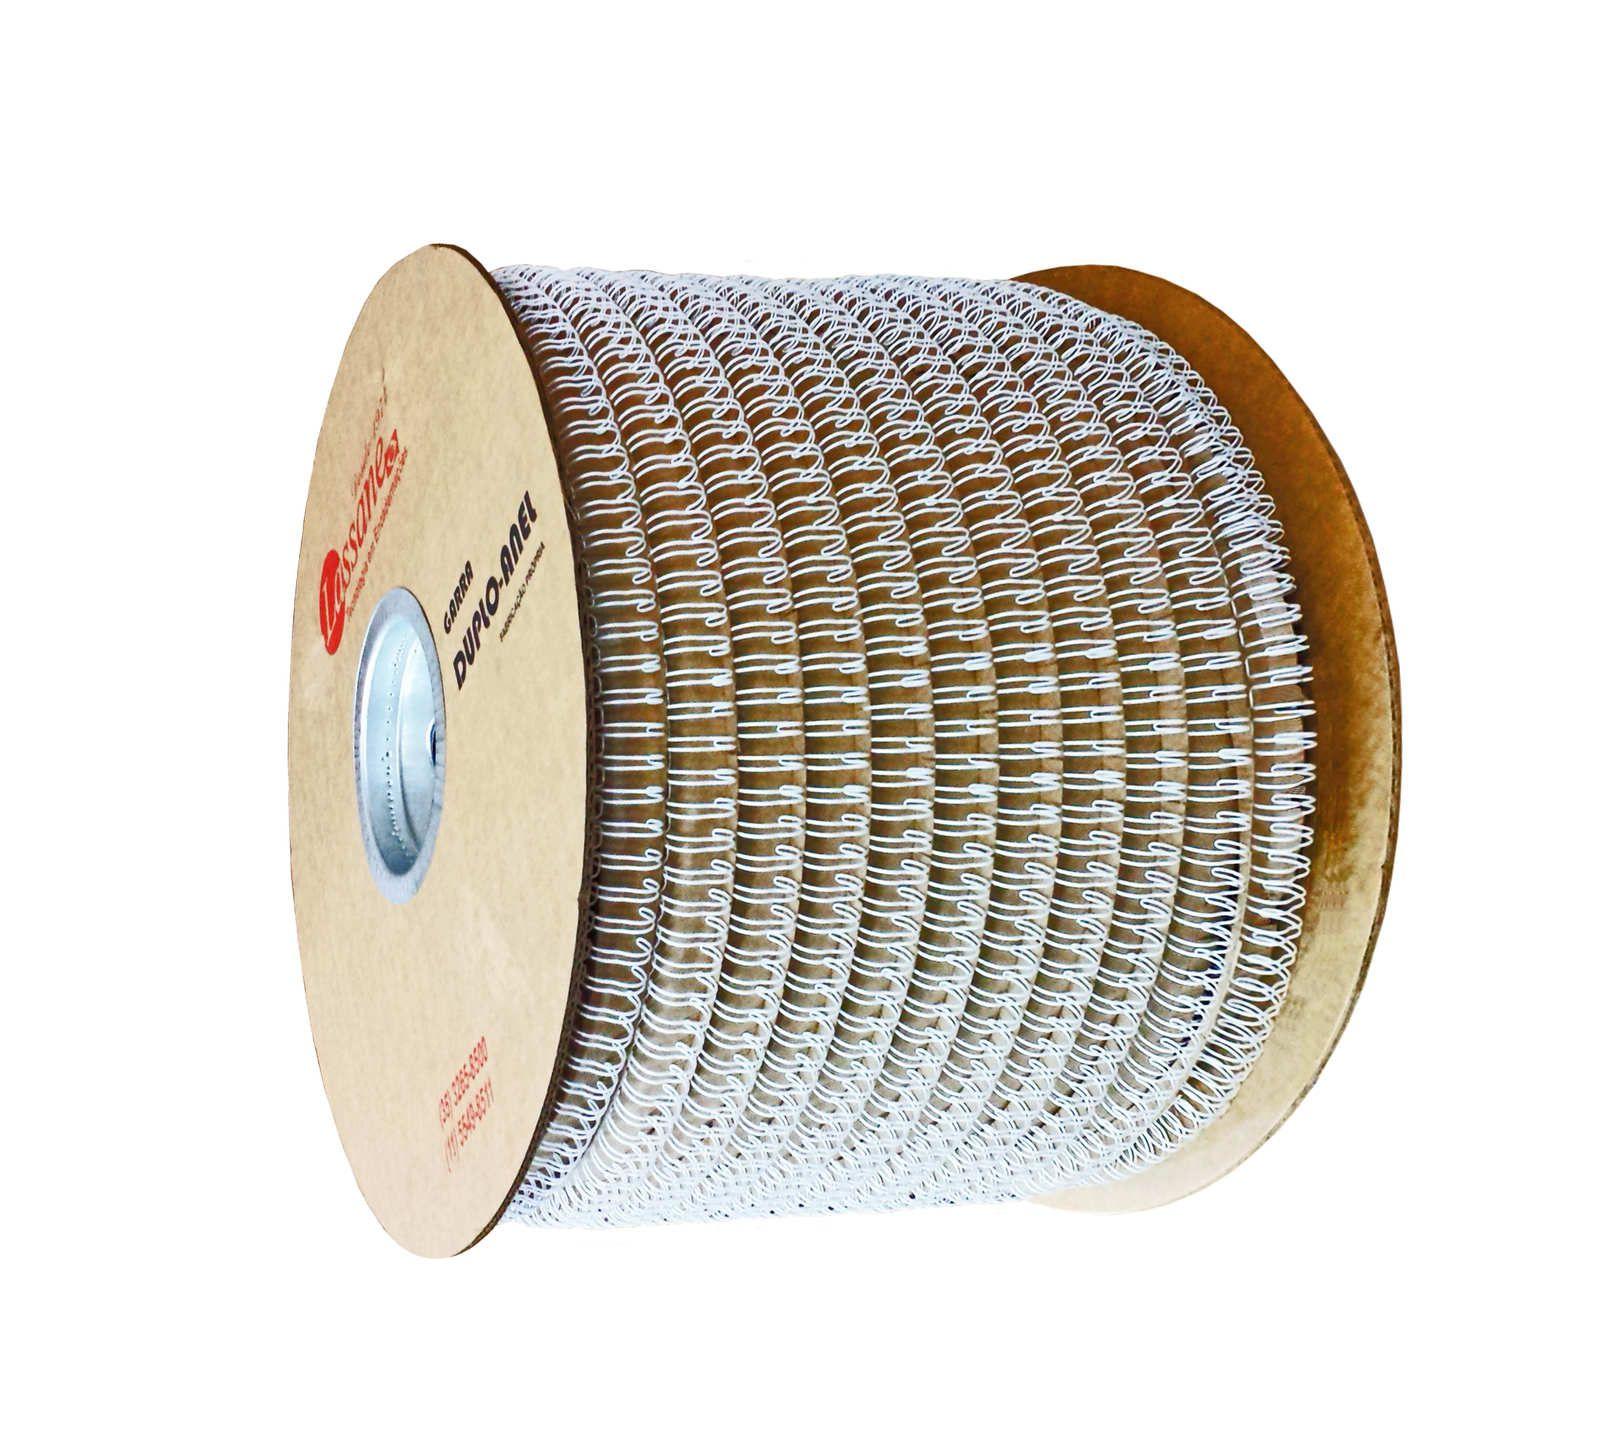 Bobina de Garras de Duplo Anel Wire-o 3x1 7/16 90 Folhas Cor Preta